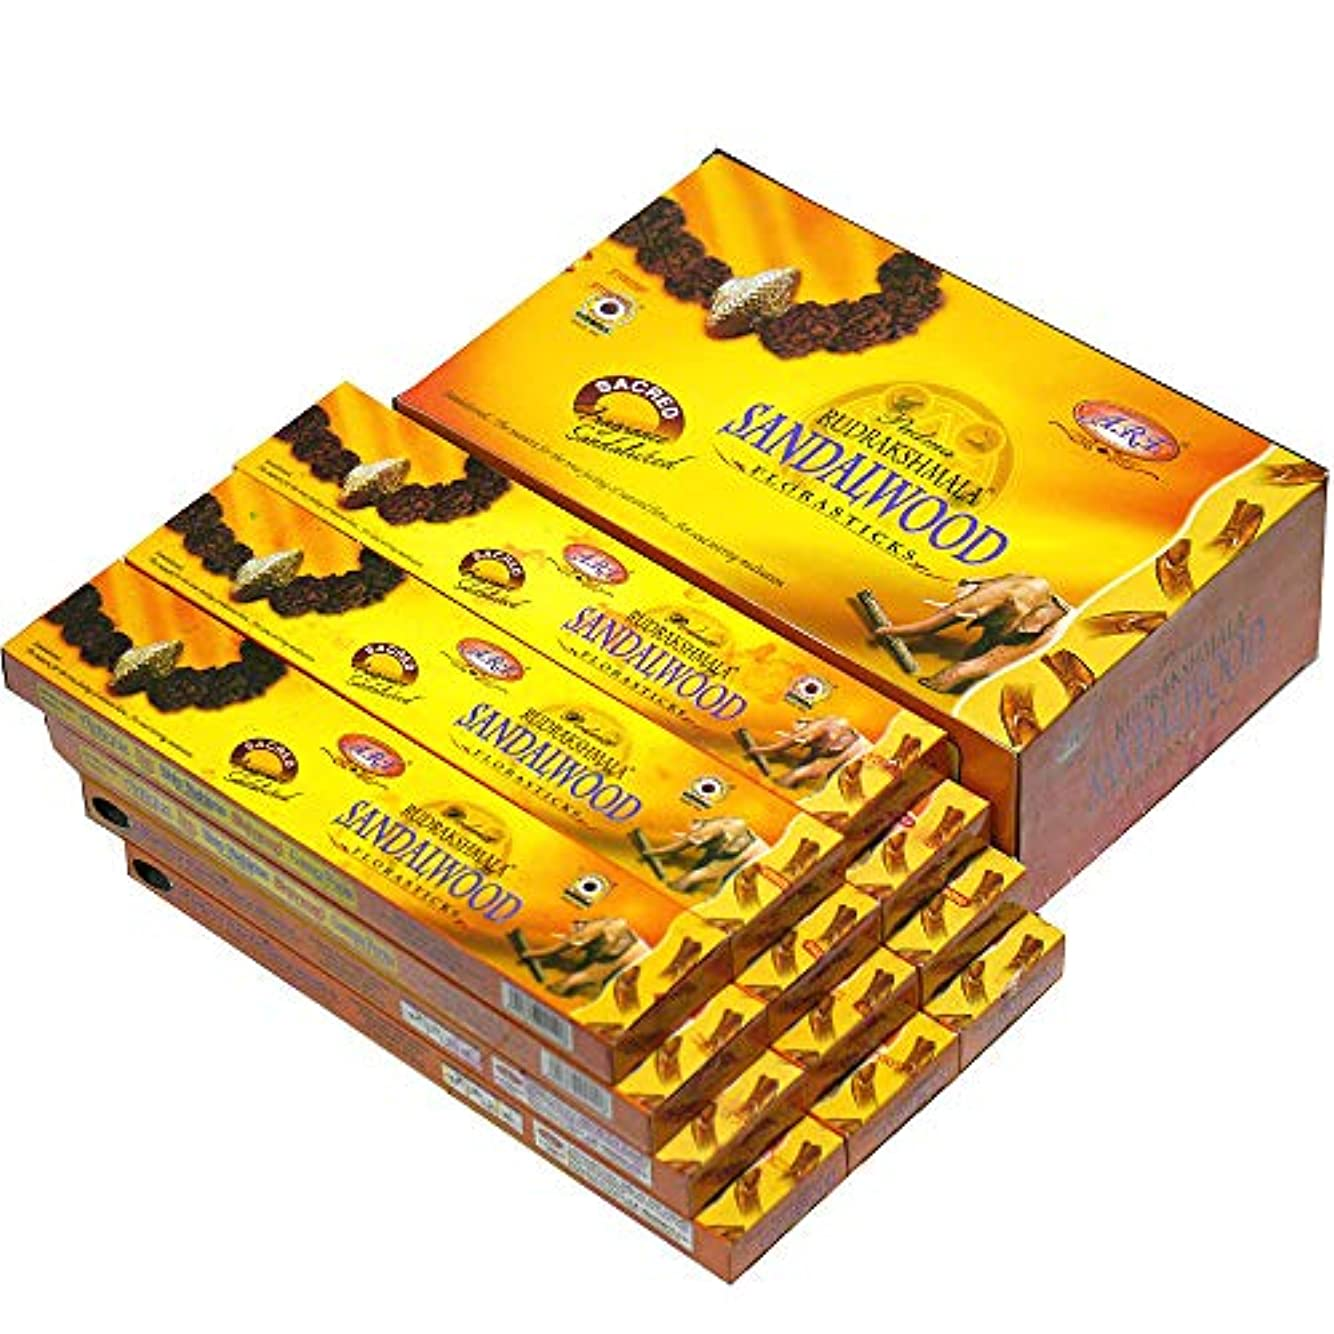 ランドマーク運動雑多なPADMA(パドマー) RUDRAKSH ルドラクシャ香 スティック 12箱セット